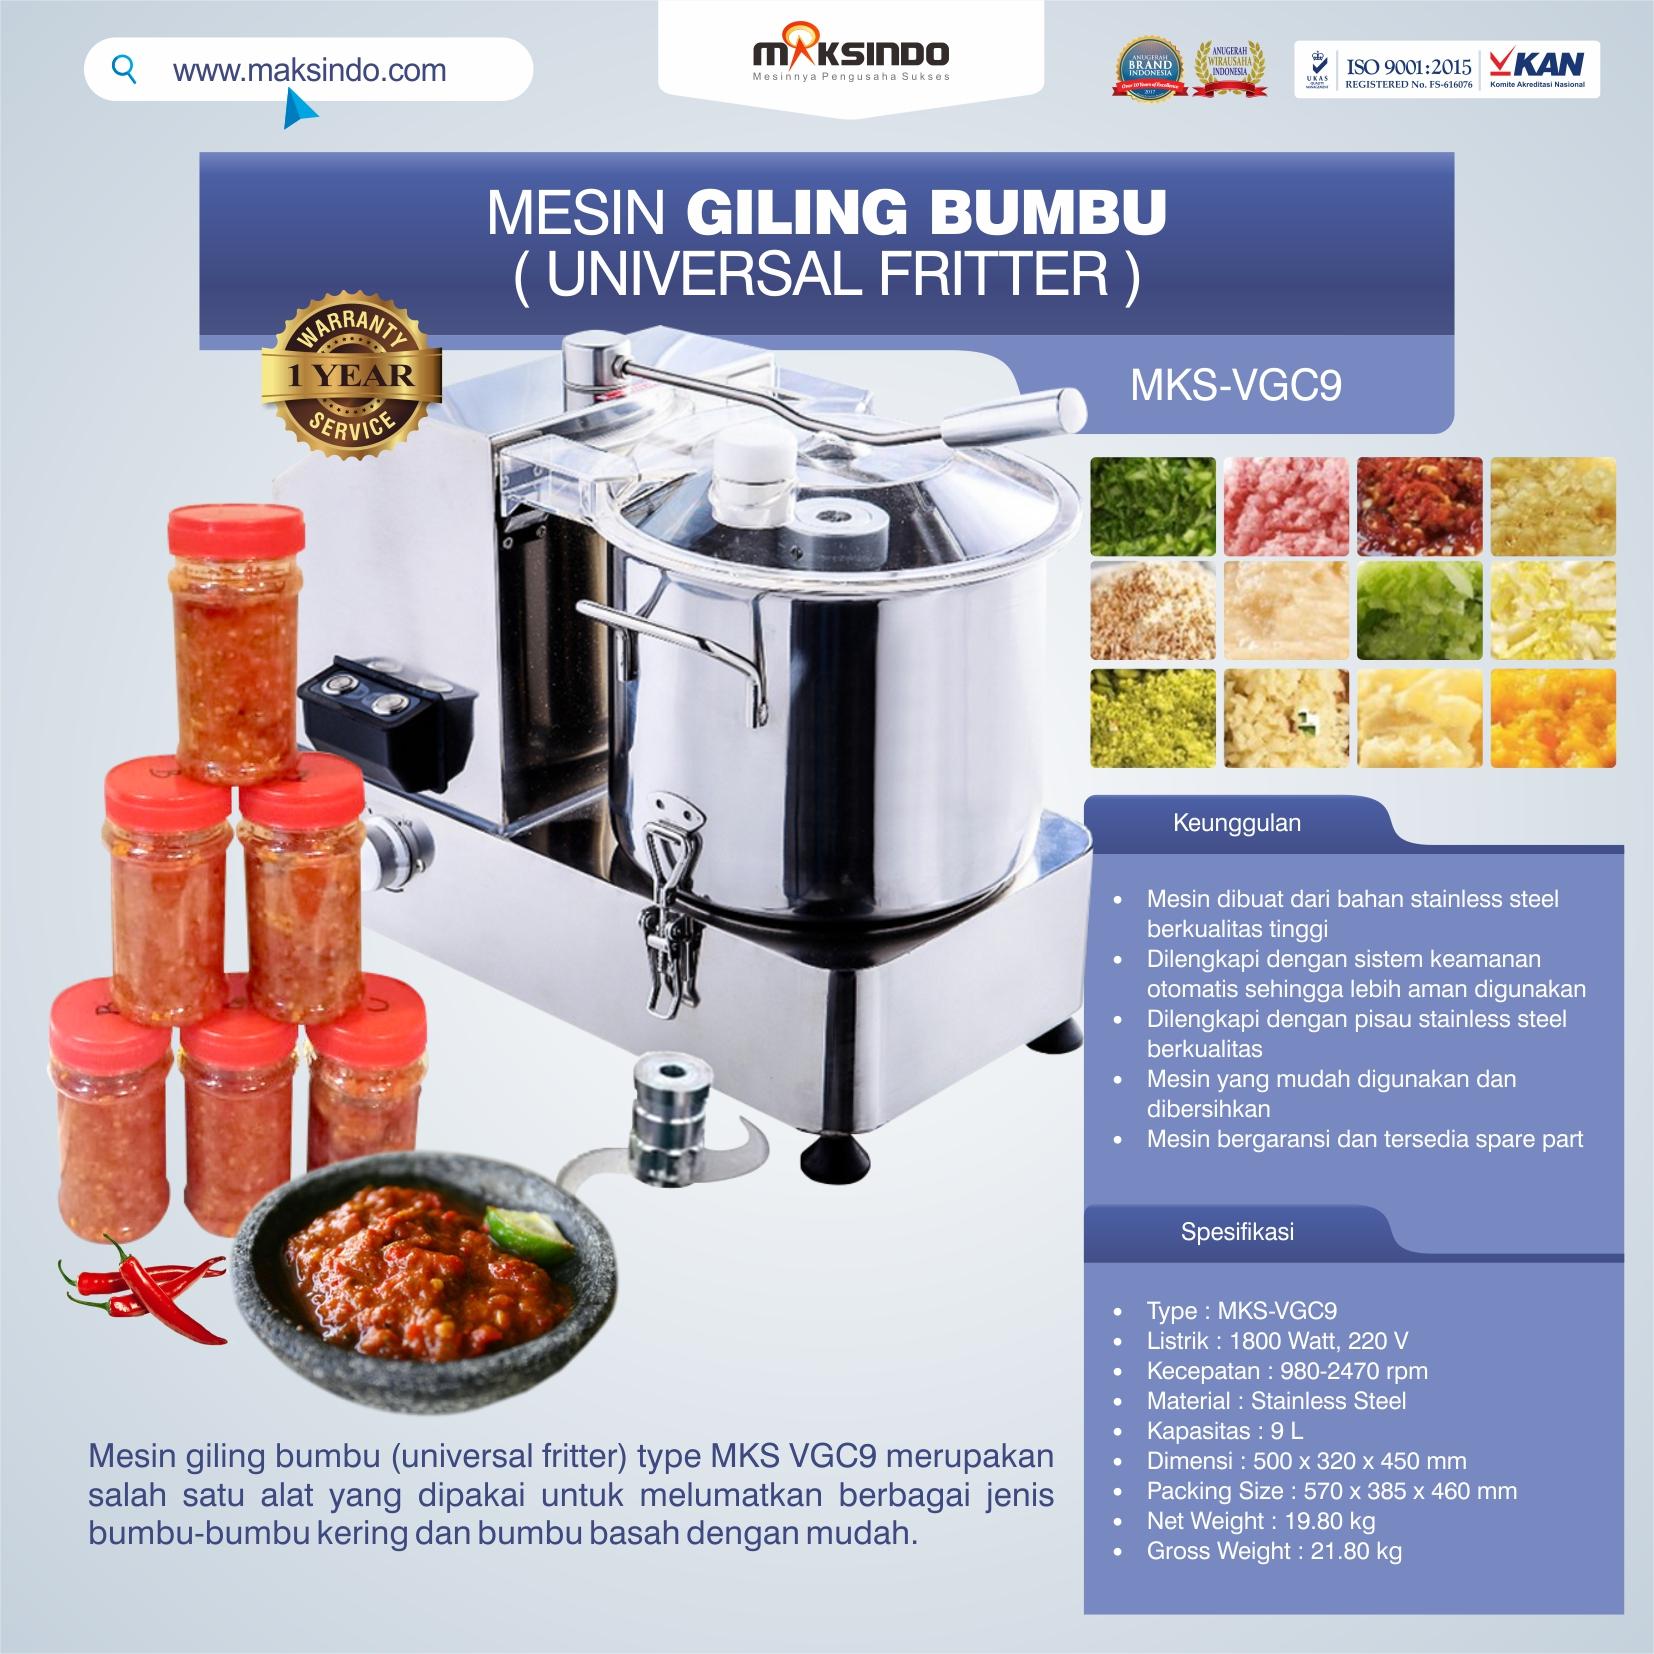 Jual Mesin Giling Bumbu (Universal Fritter) MKS VGC9 di Bekasi